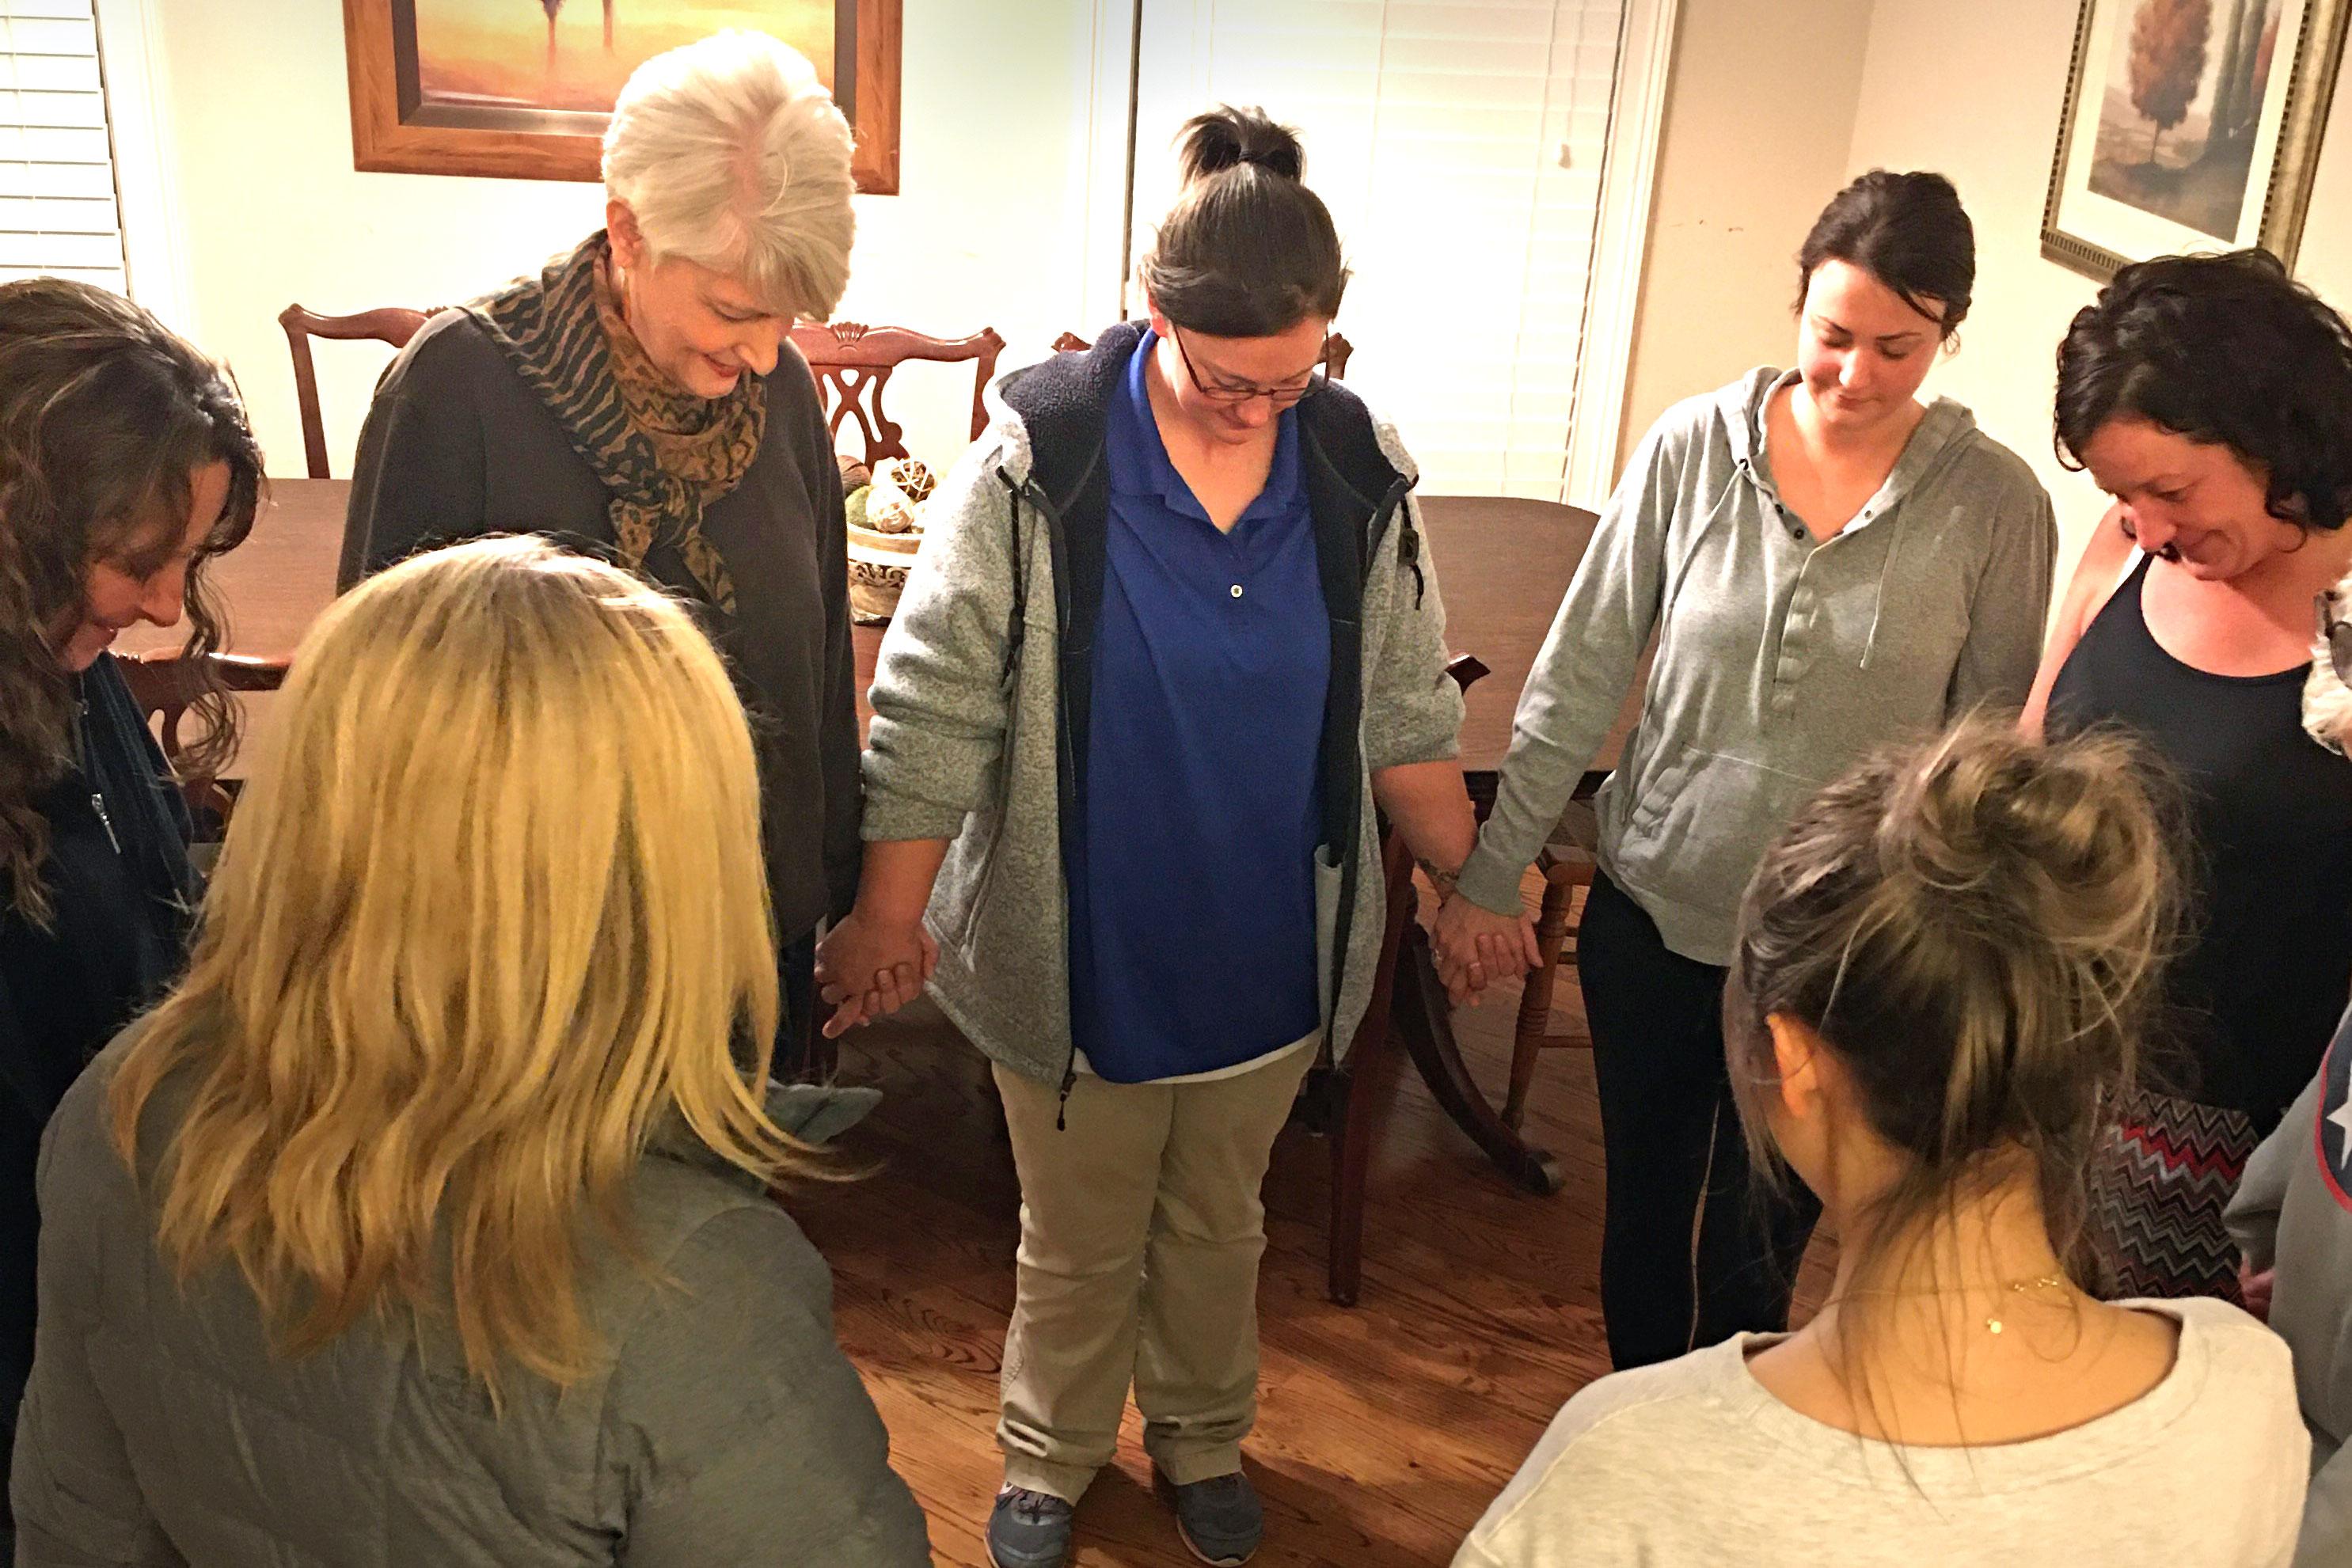 Voluntaria Pat Ralls  (pelo blanco, a la izquierda) dirige a las residentes de Healing Housing (casa de sanidad) en oración. Foto cortesía de Healing Housing.